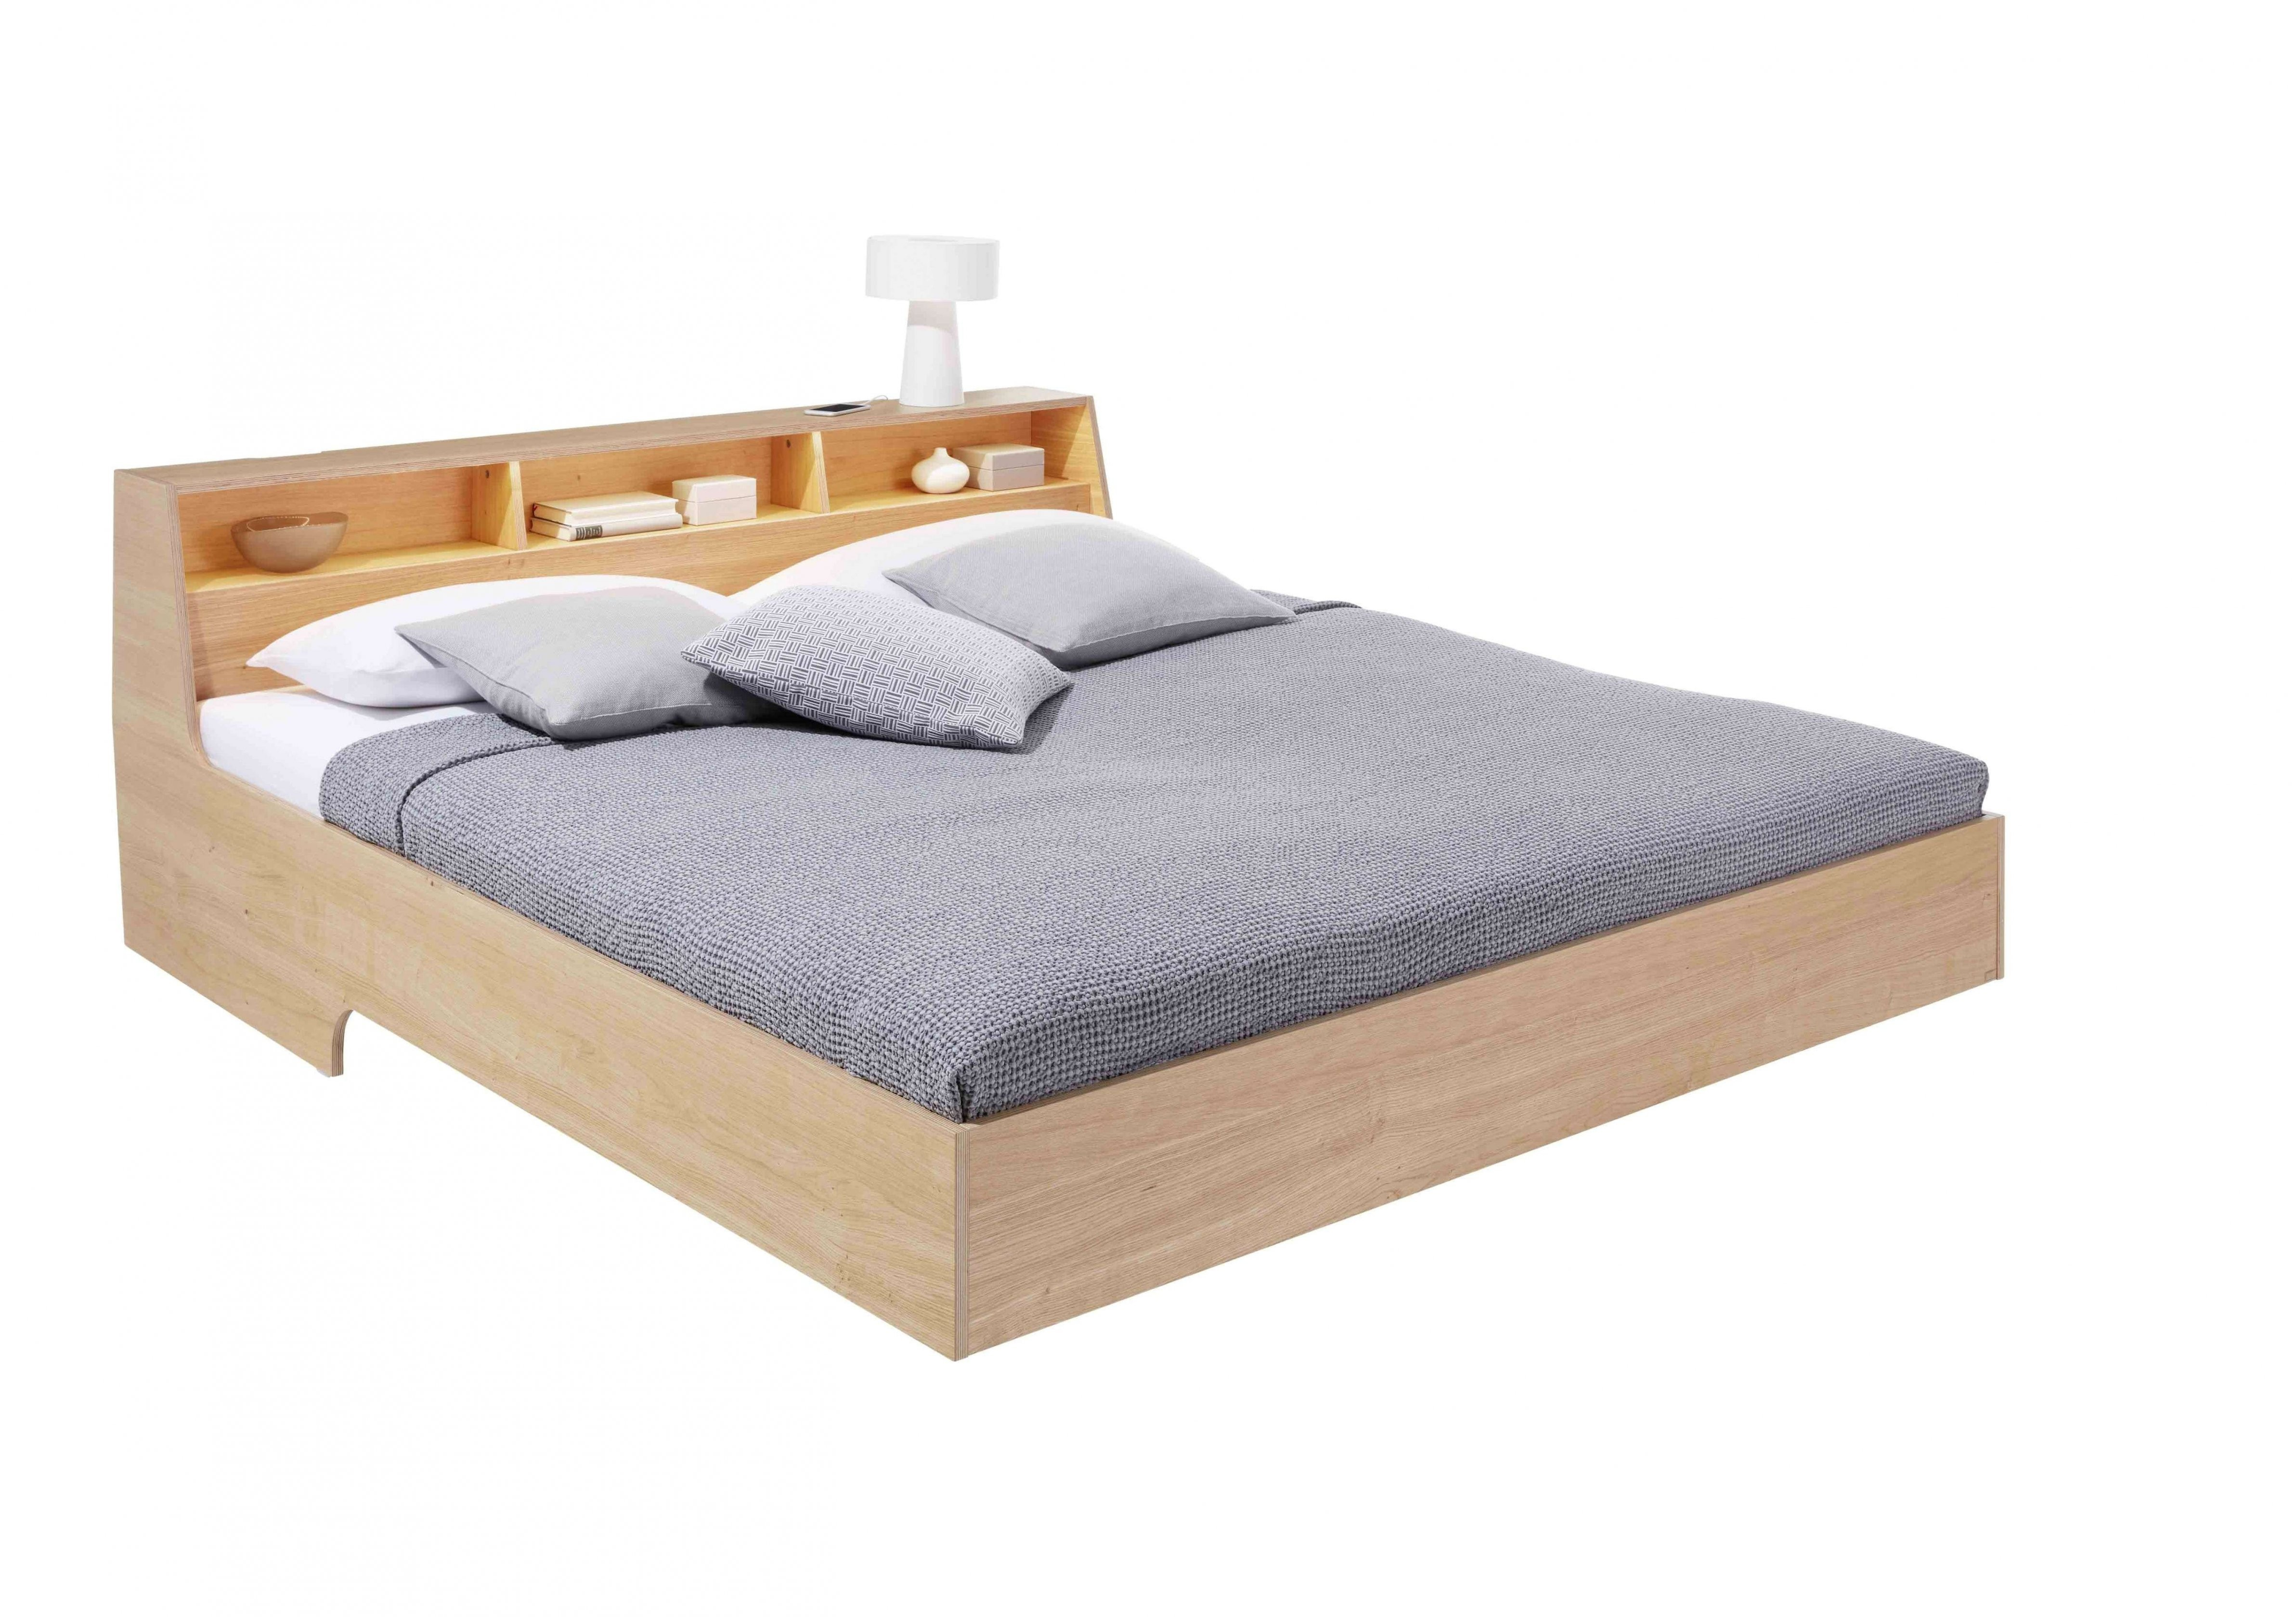 70 Elegant Betten 120X200 Dänisches Bettenlager  Ubumenyi von Betten 120X200 Dänisches Bettenlager Bild